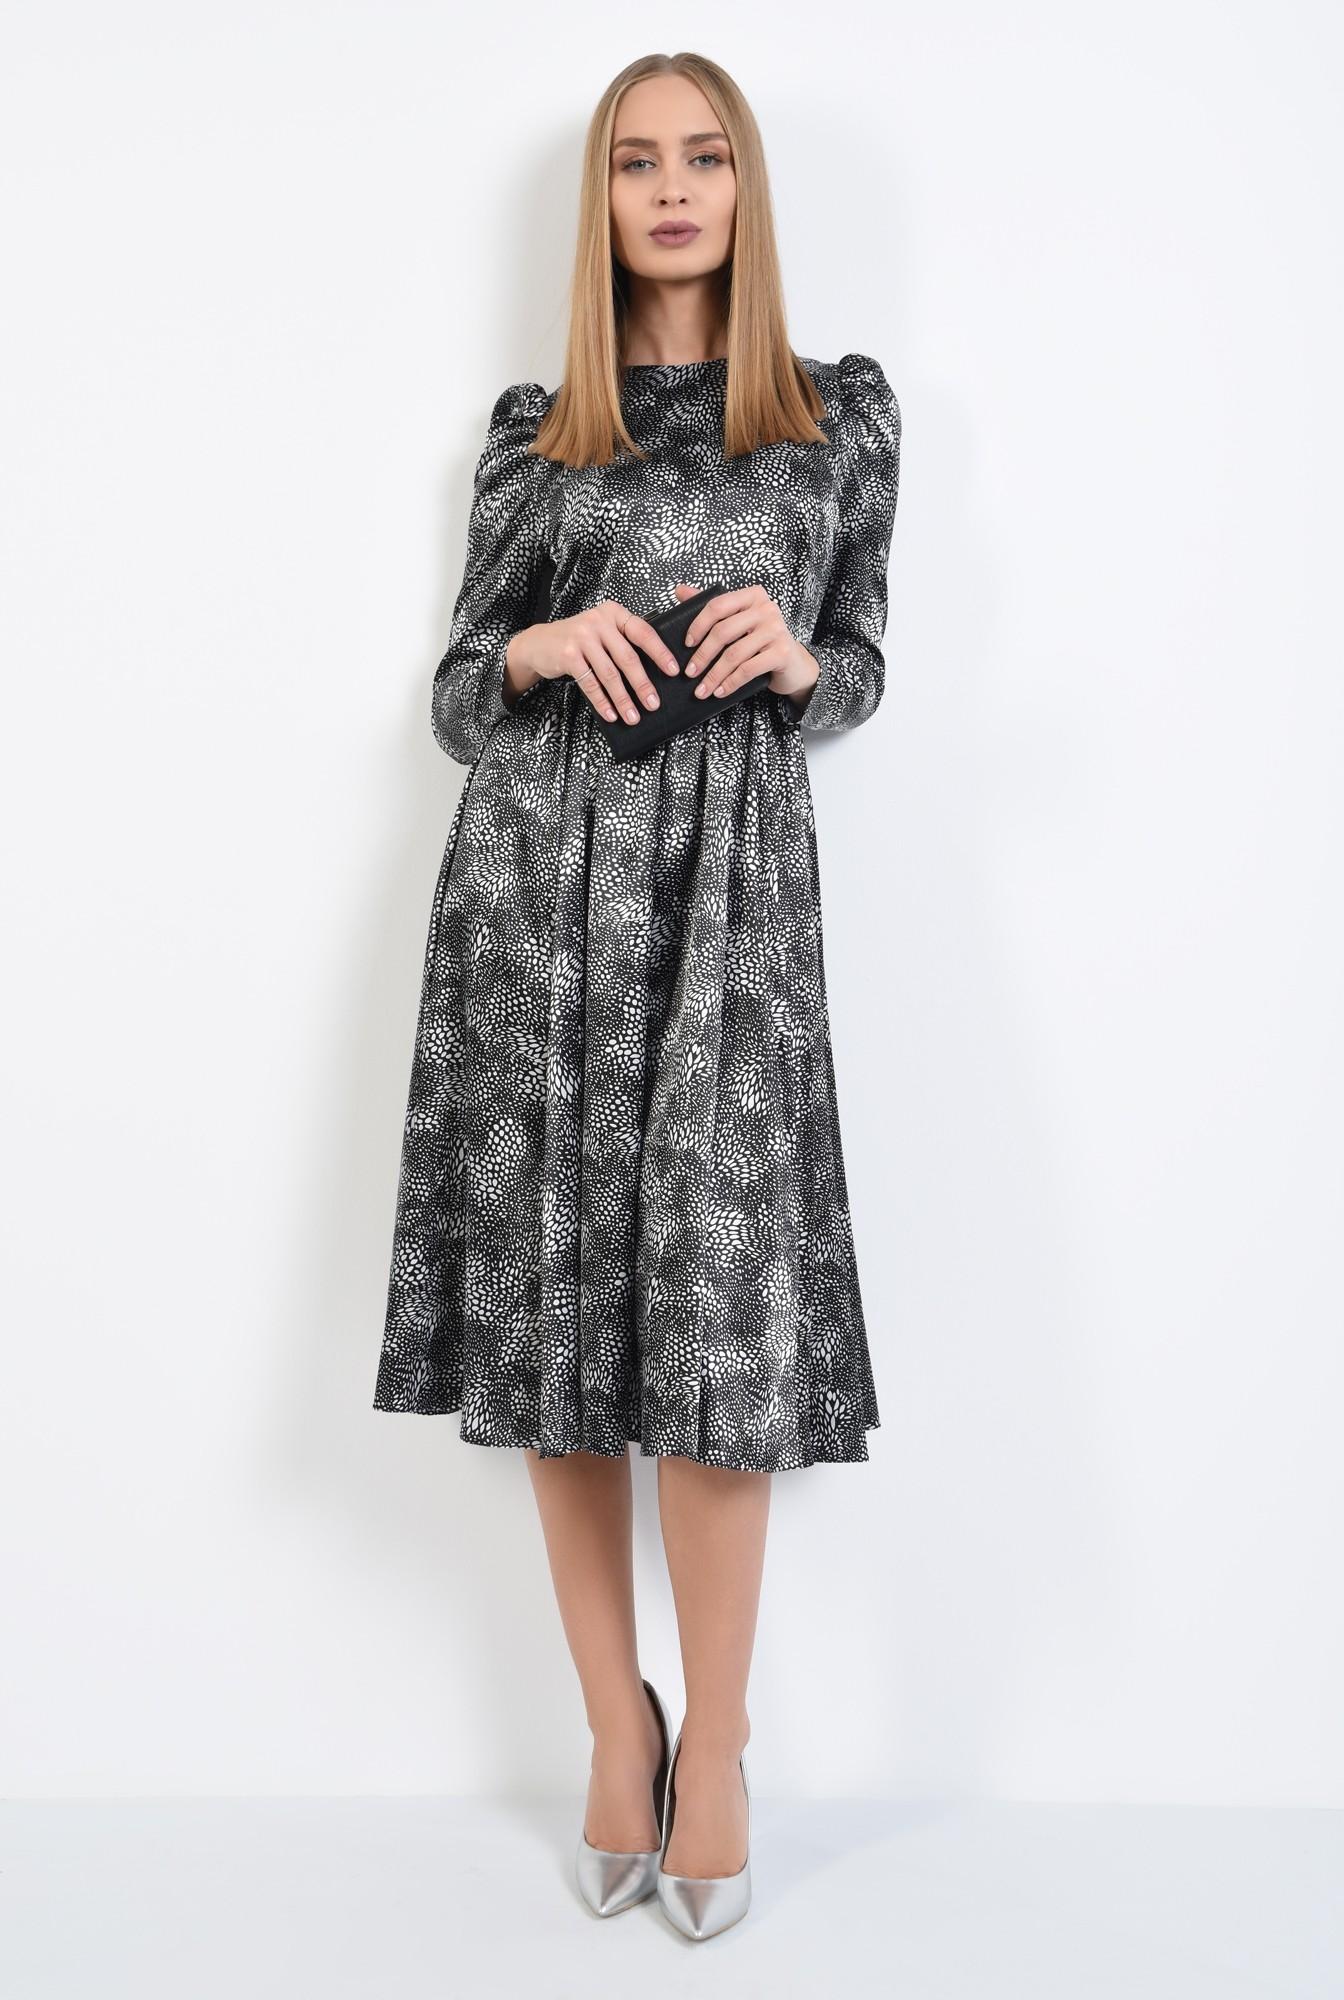 3 - rochie eleganta, clos, cusatura in talie, maneci lungi, satin imprimat